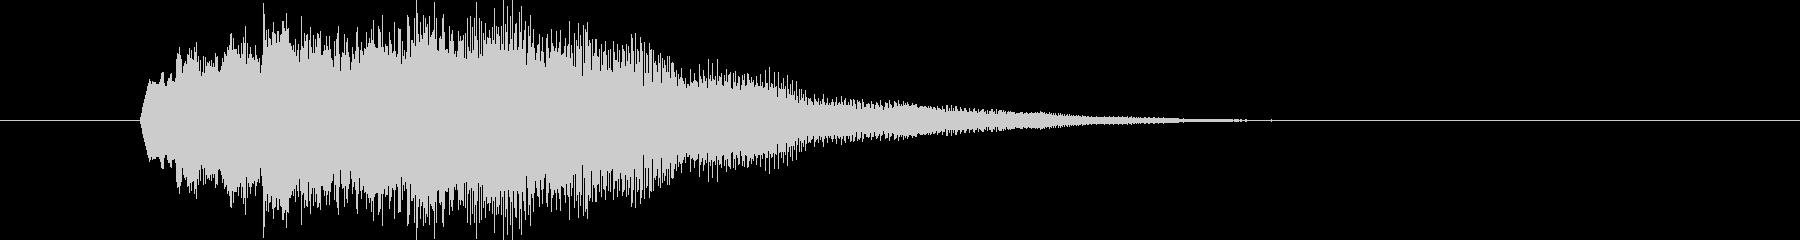 チロロロン クイズやニュースなどのMEの未再生の波形